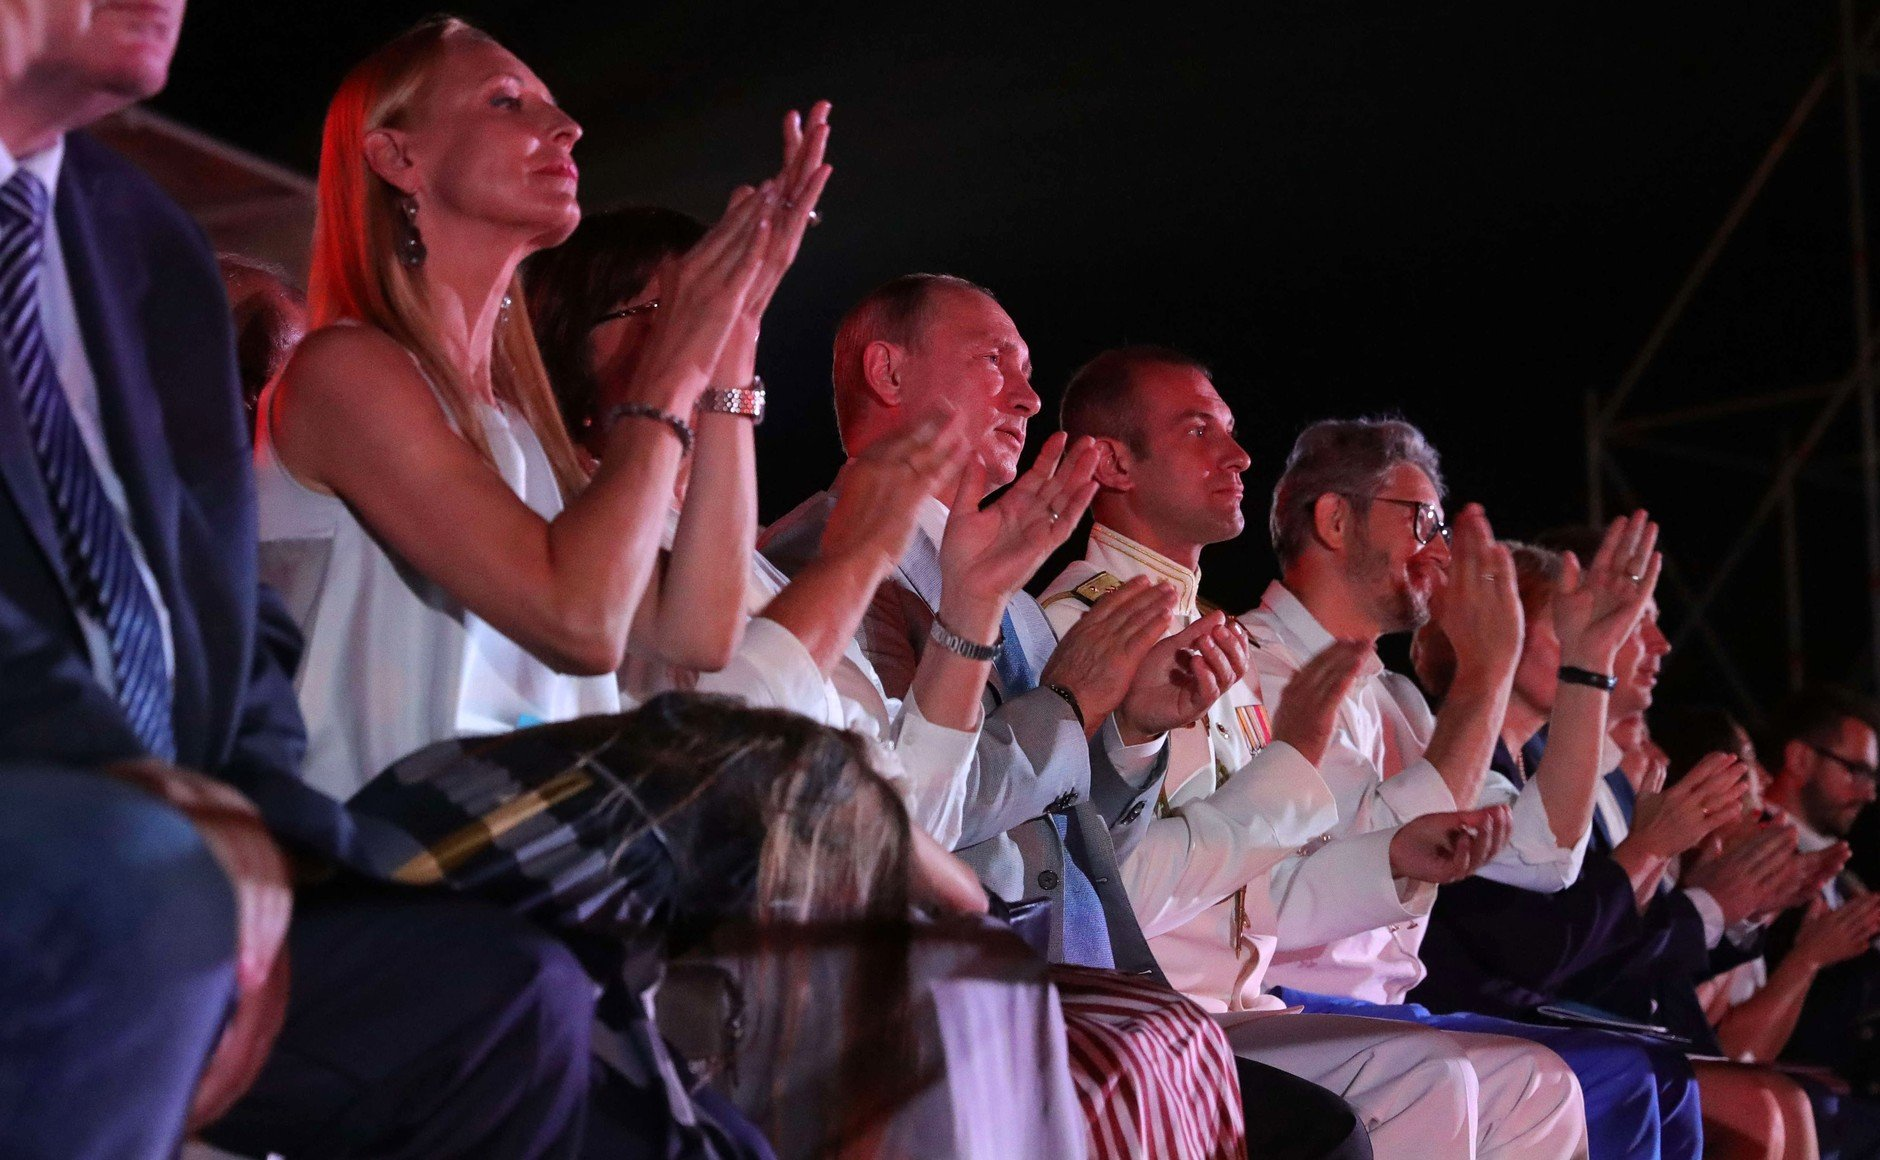 Не холопского ума дело: Аксенова не позвали смотреть балет вместе с Путиным